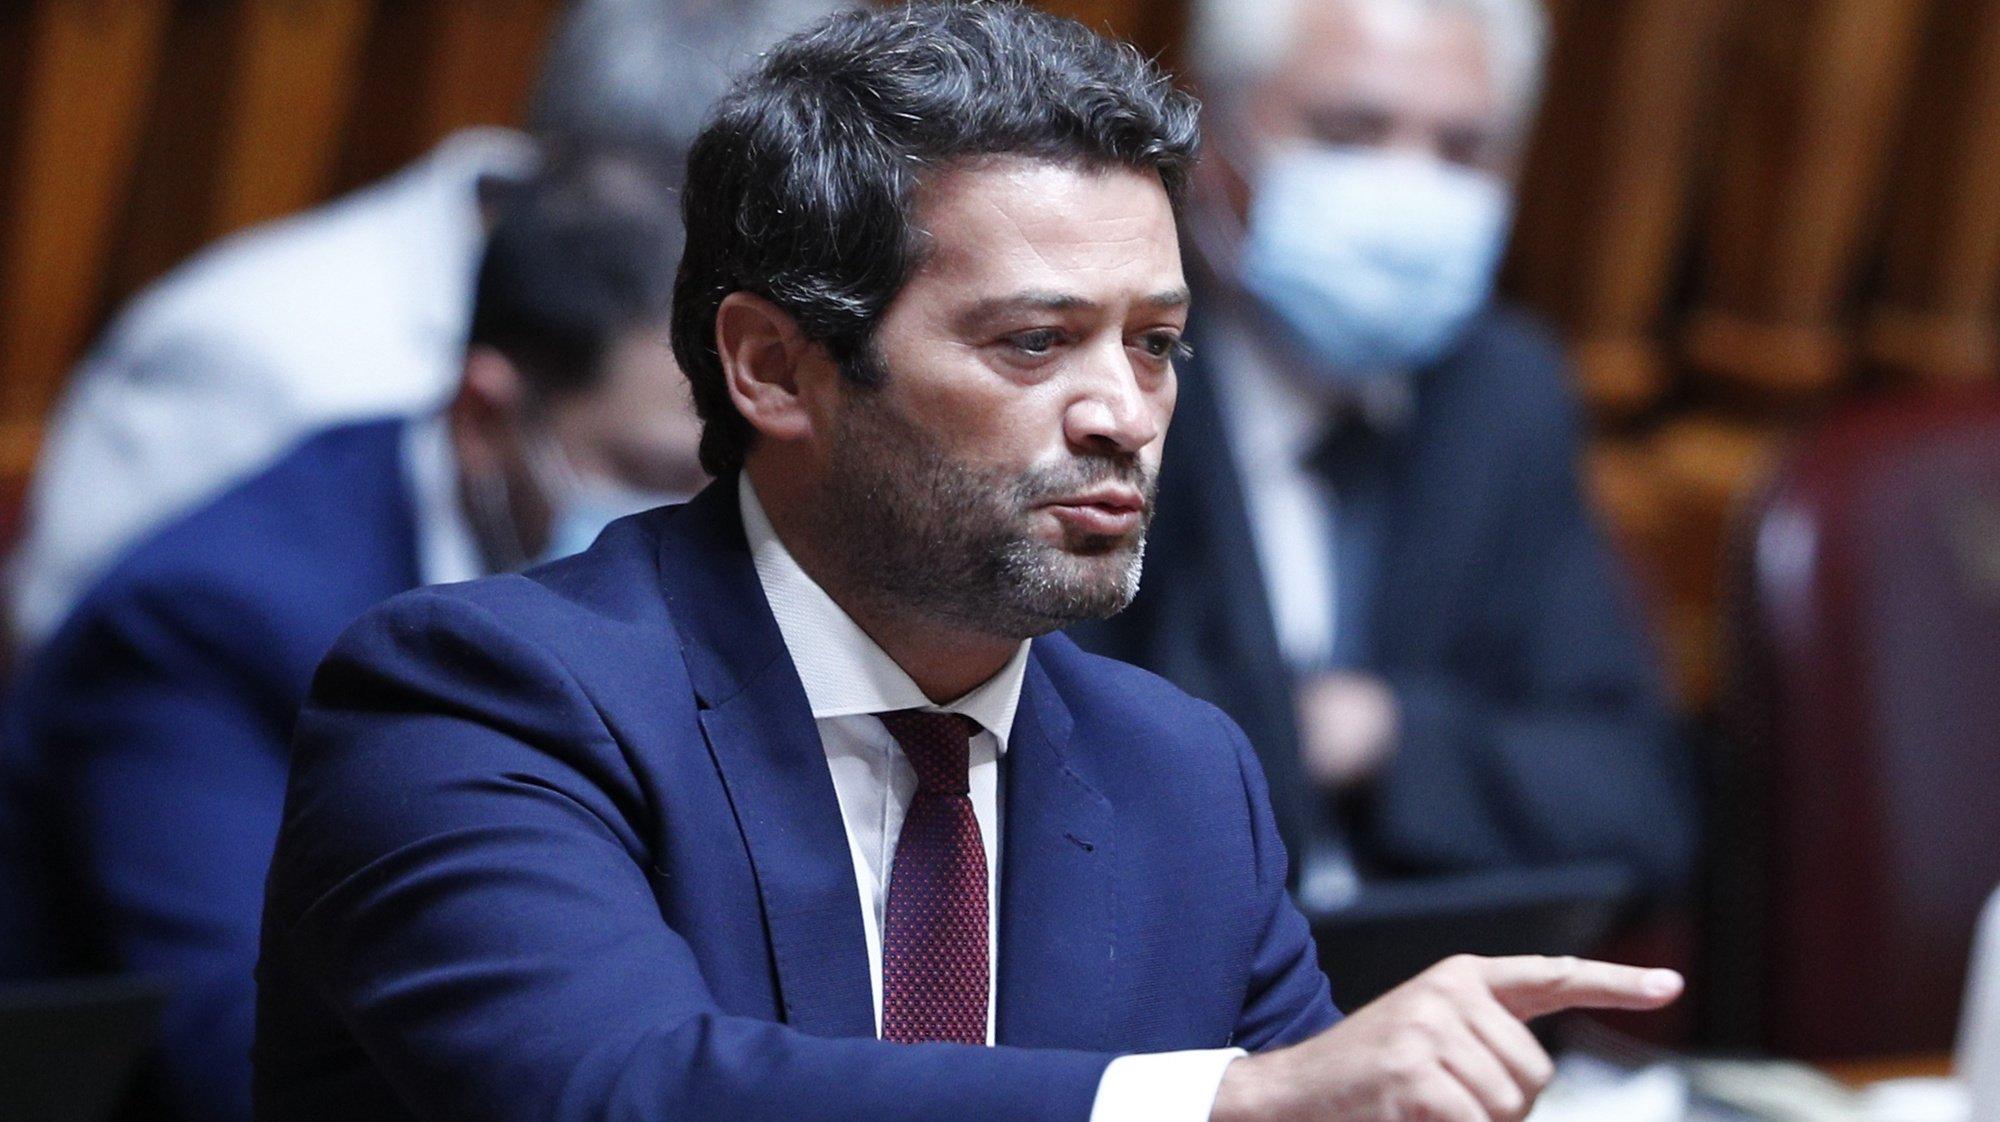 O deputado e líder do partido Chega, André Ventura, intervém durante o debate sobre o enriquecimento injustificado, que decorreu na Assembleia da República em Lisboa, 25 de junho de 2021.  ANTÓNIO COTRIM/LUSA